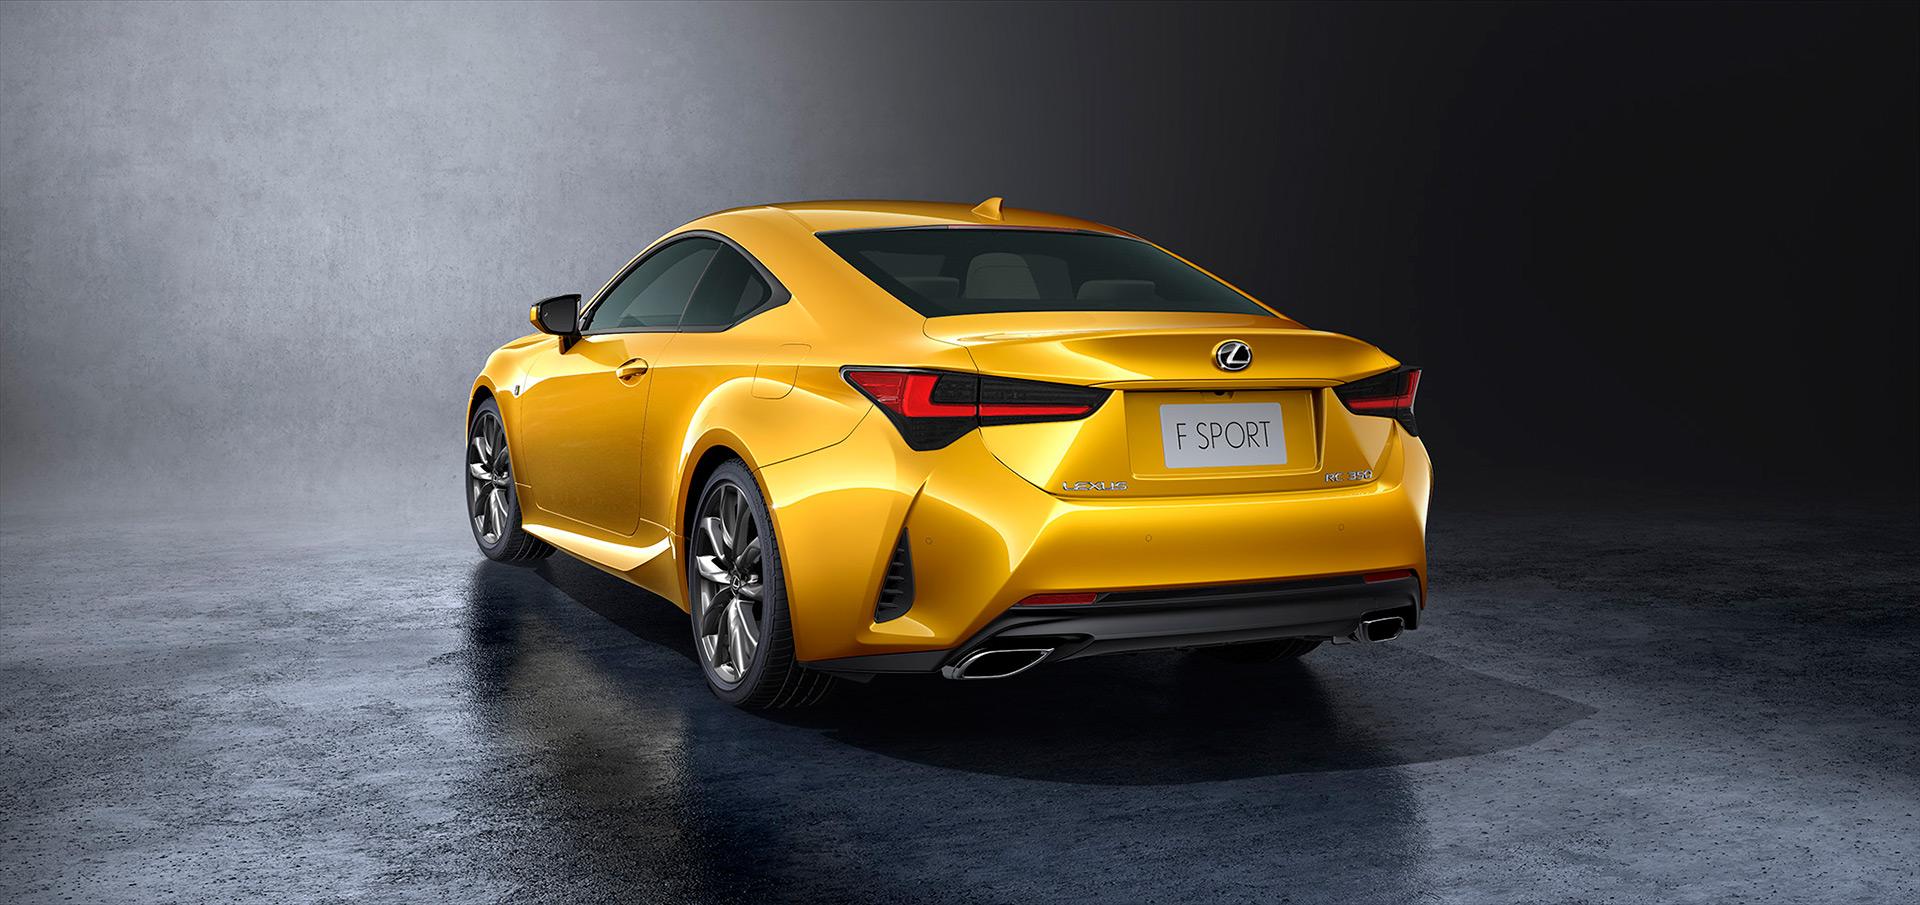 「【新車】レクサスRCがマイナーチェンジ。LC譲りのエレガントな外観と高い走行性能を獲得」の5枚目の画像